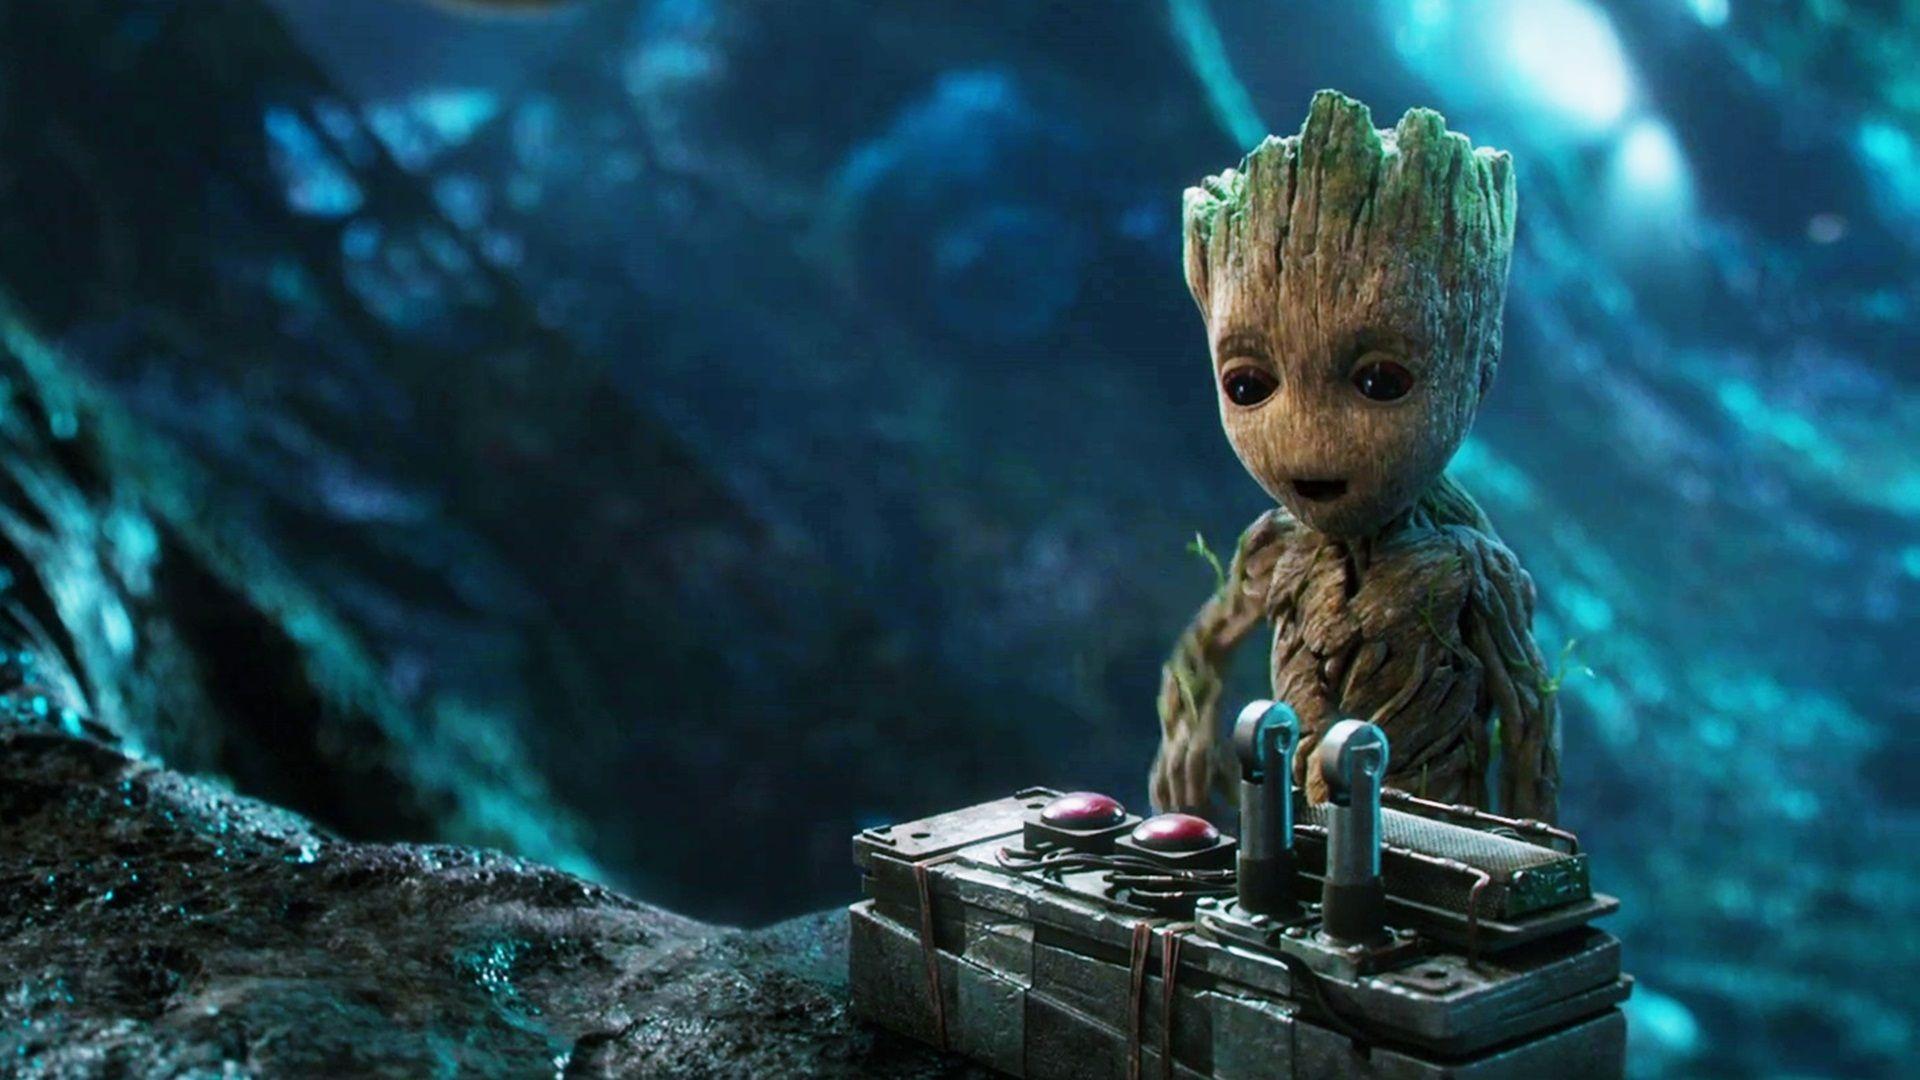 Baby Groot 4K Wallpapers - Wallpaper Cave